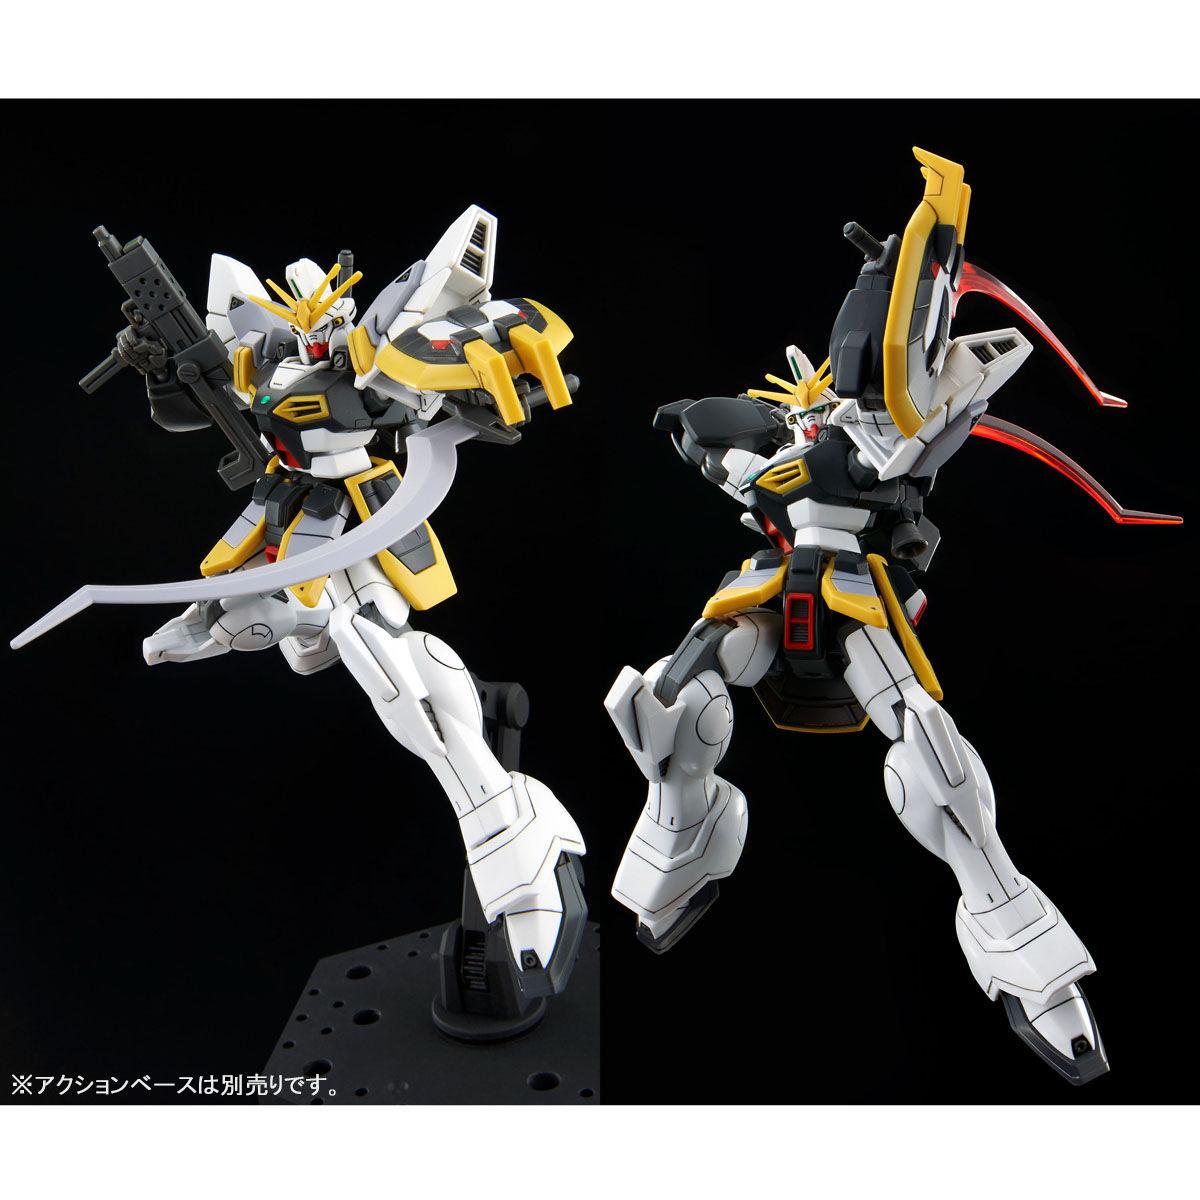 【限定販売】HG 1/144『ガンダムサンドロック改』新機動戦記ガンダムW プラモデル-008